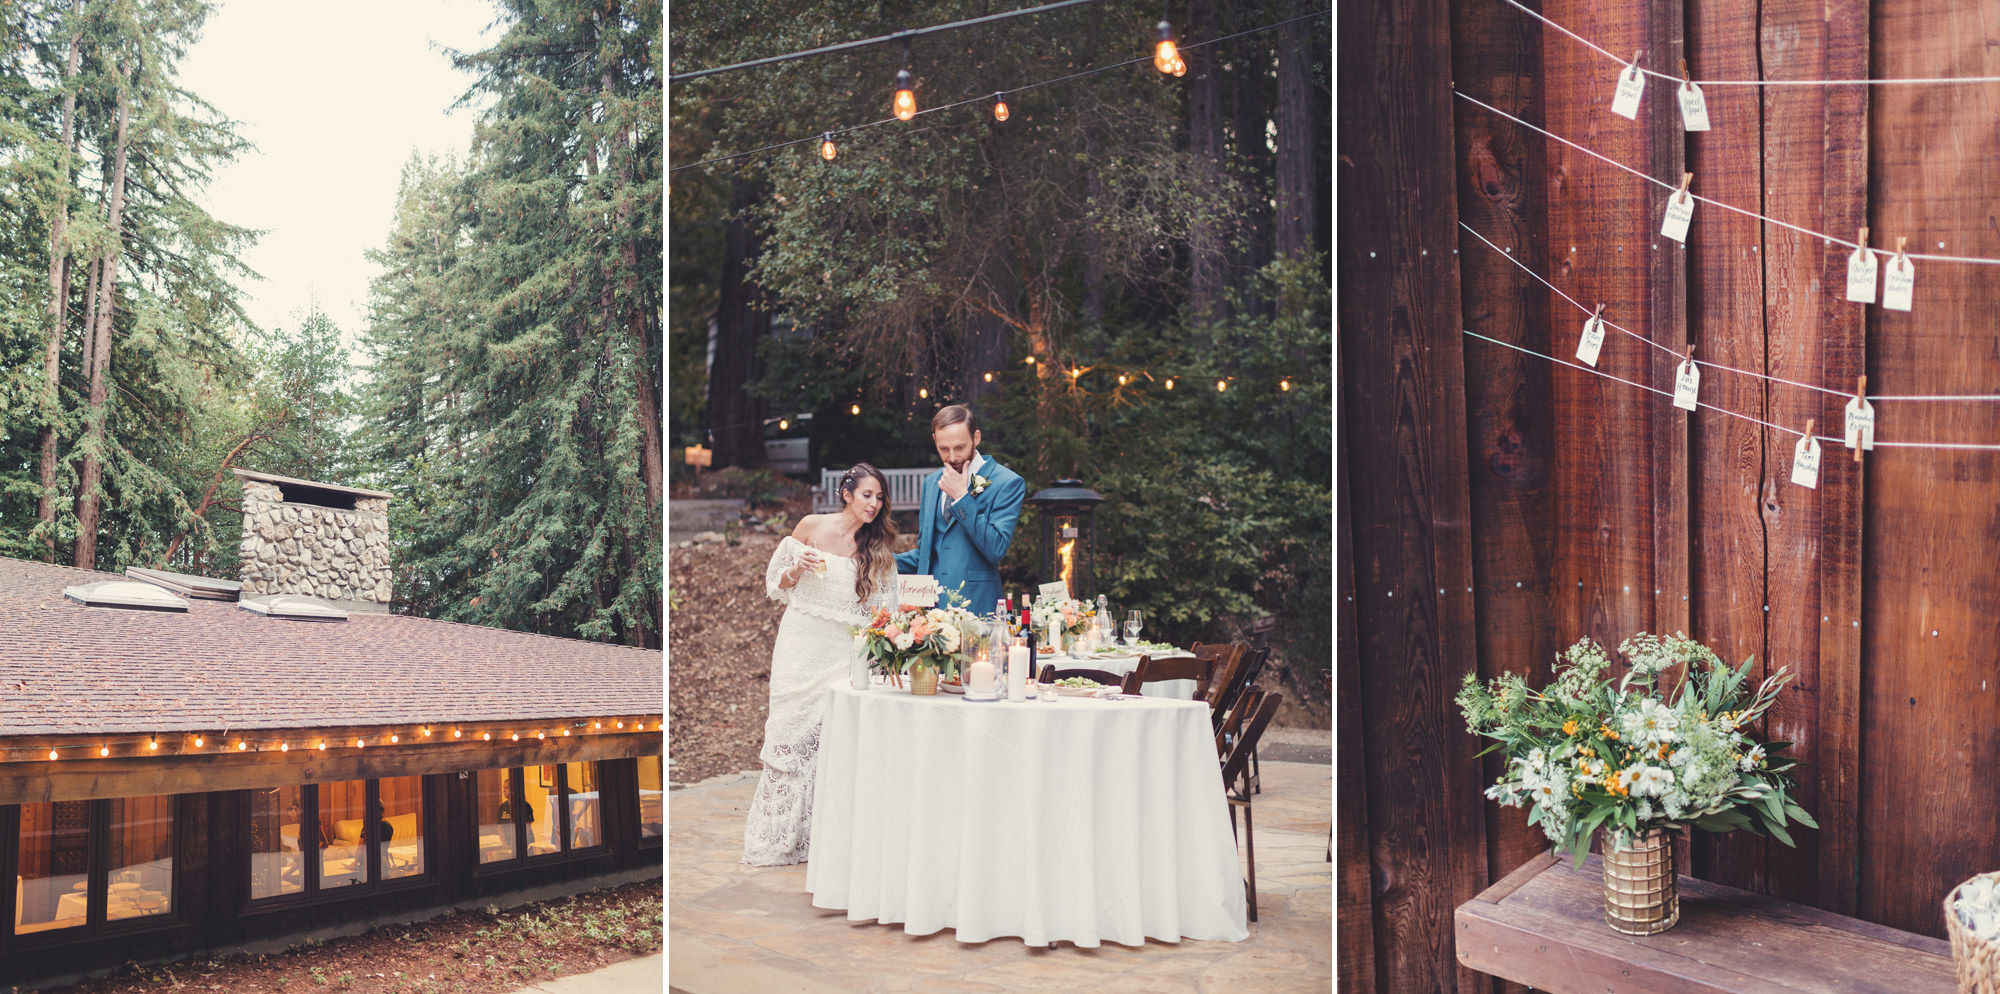 Sequoia Retreat Center Wedding@Anne-Claire Brun 184